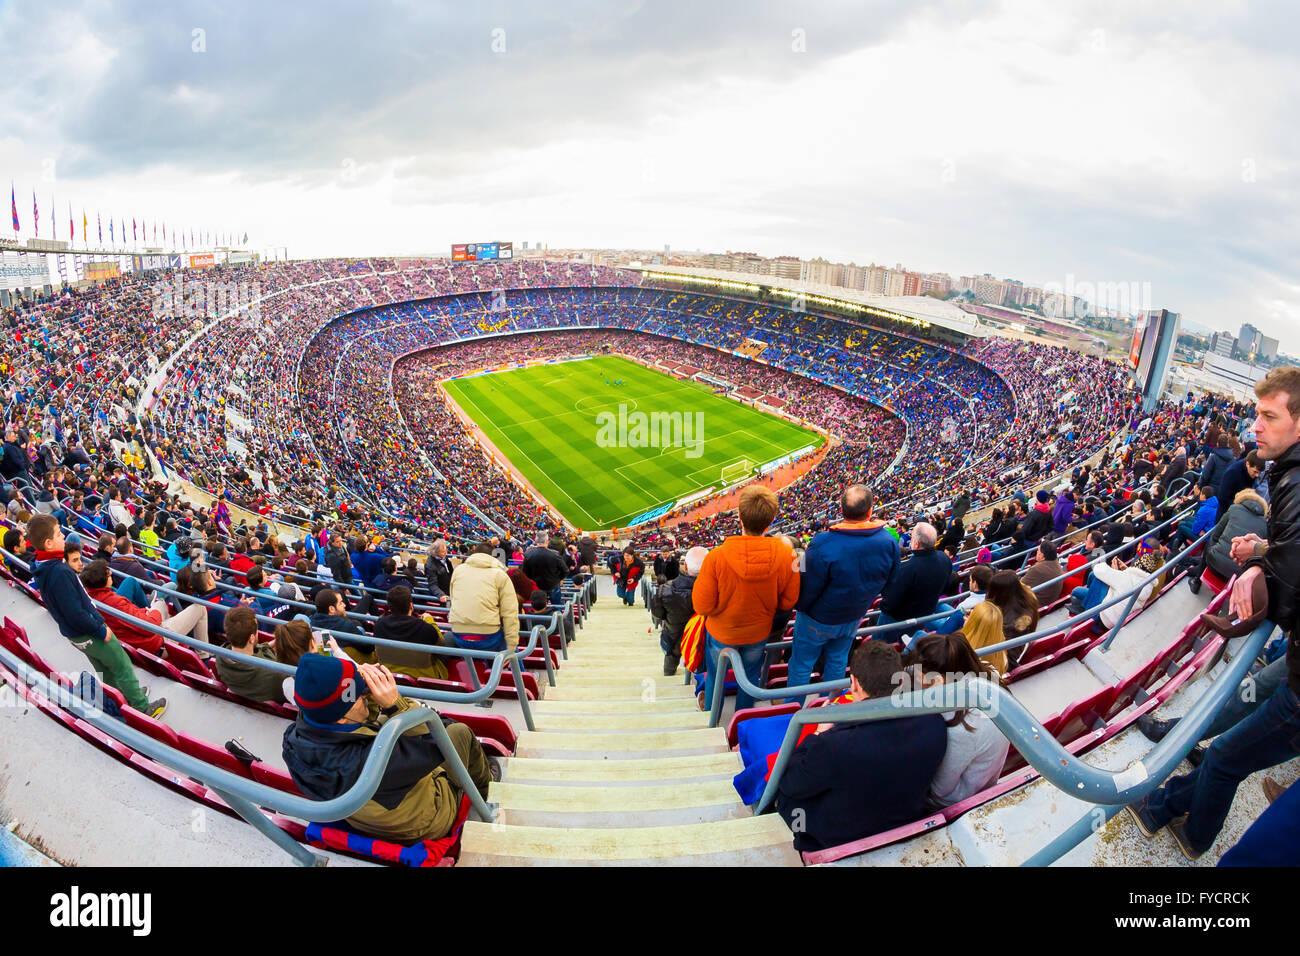 BARCELONA - 21 de febrero: Una vista general del Camp Nou en el partido de fútbol entre el Futbol Club Barcelona Imagen De Stock